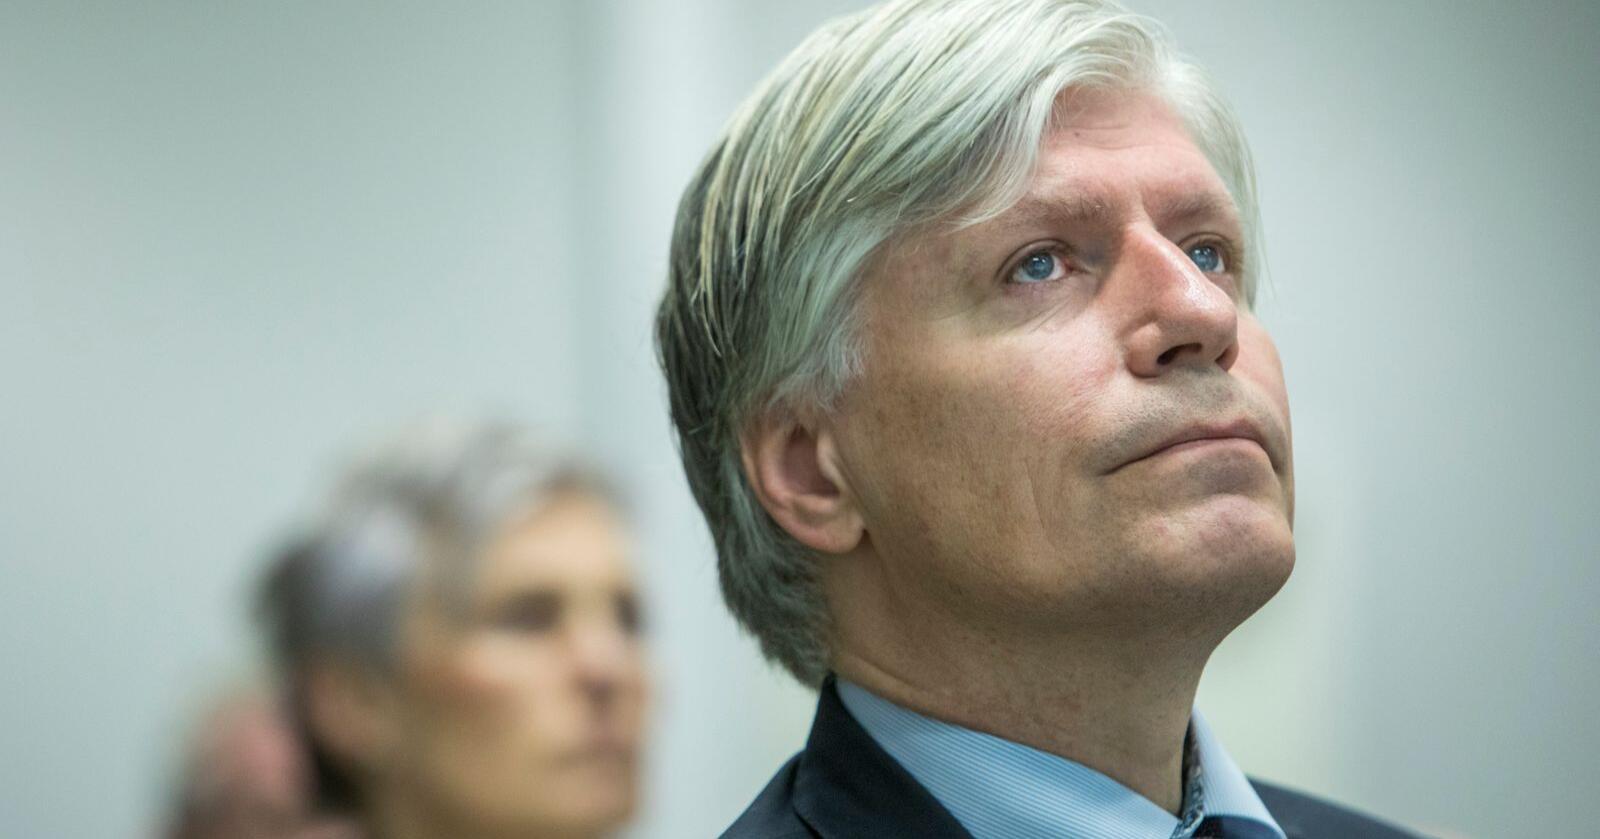 Klima- og miljøminister Ola Elvestuen (V). Foto: Ole Berg-Rusten / NTB scanpix